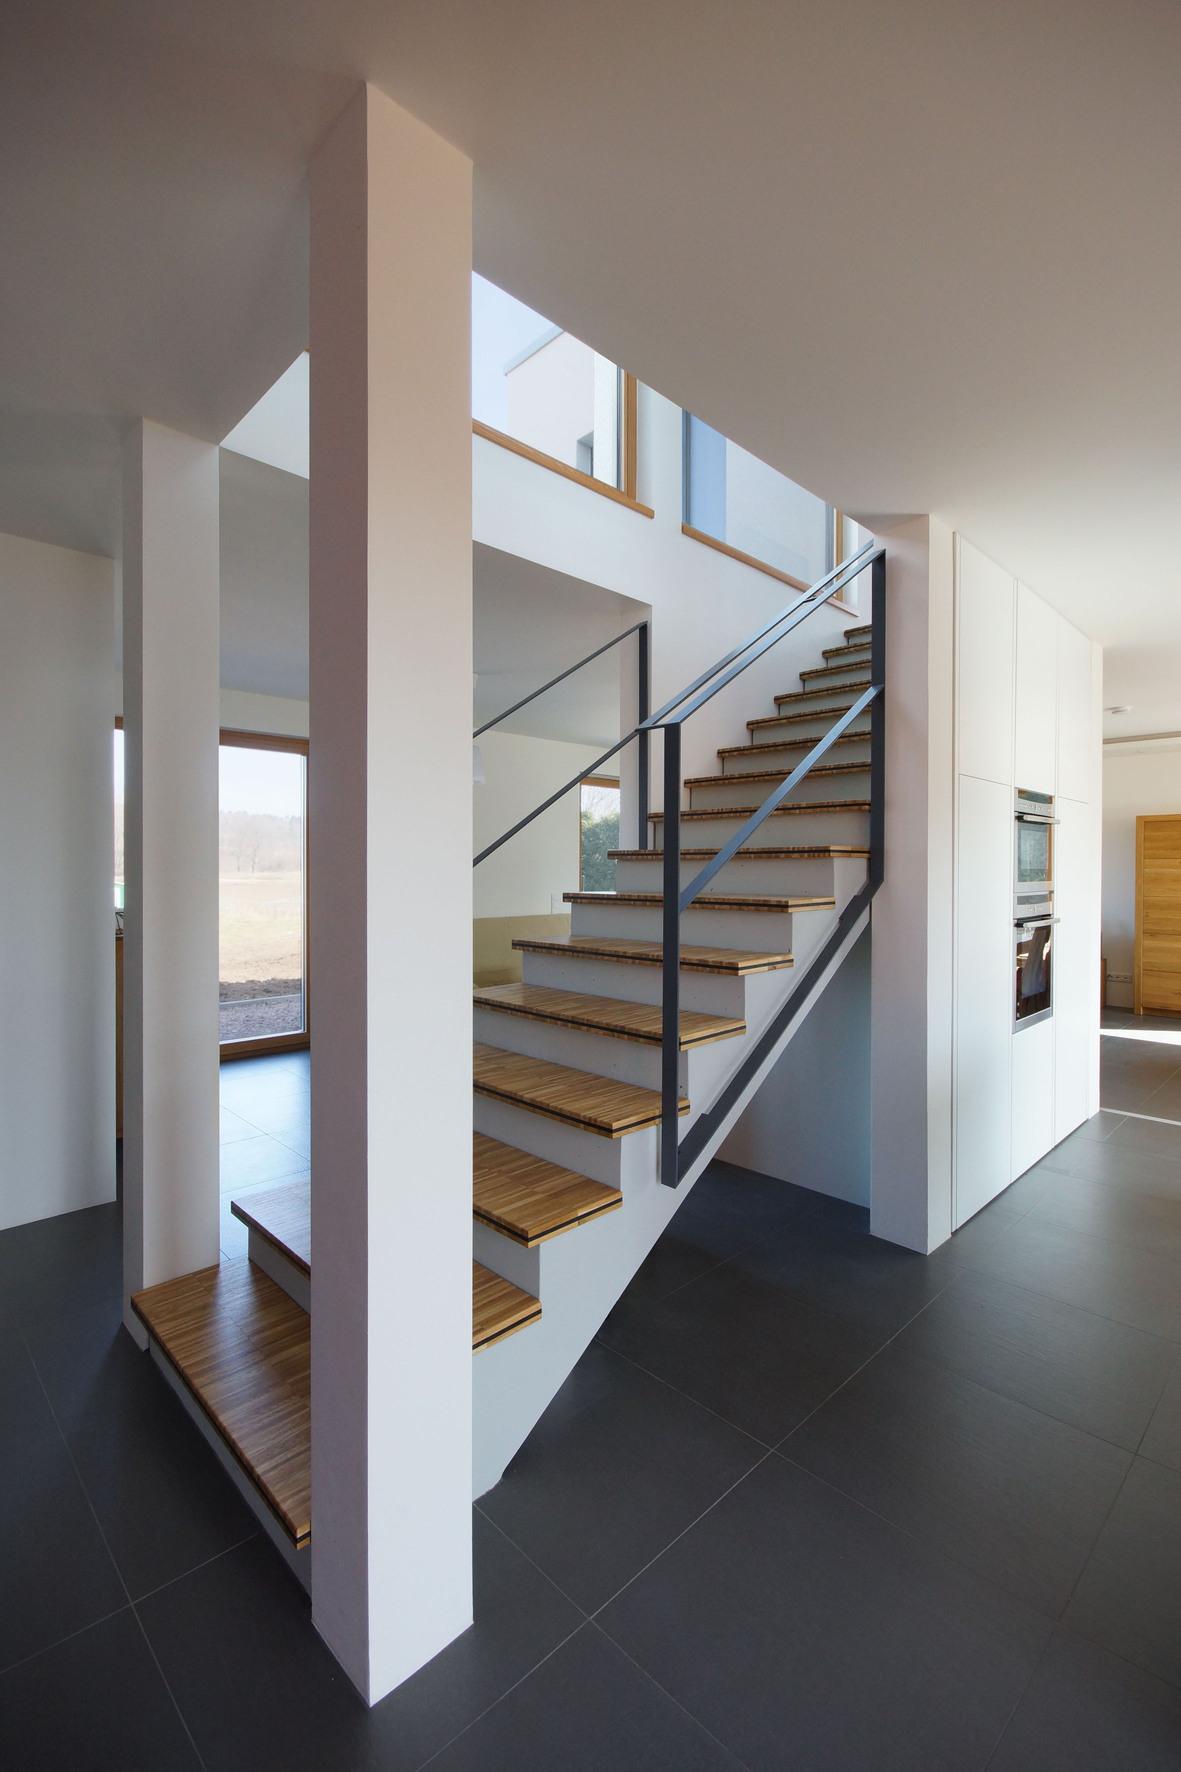 haus mit aussicht einfamilienhaus kfw 55 gotha architekturf hrer th ringen. Black Bedroom Furniture Sets. Home Design Ideas